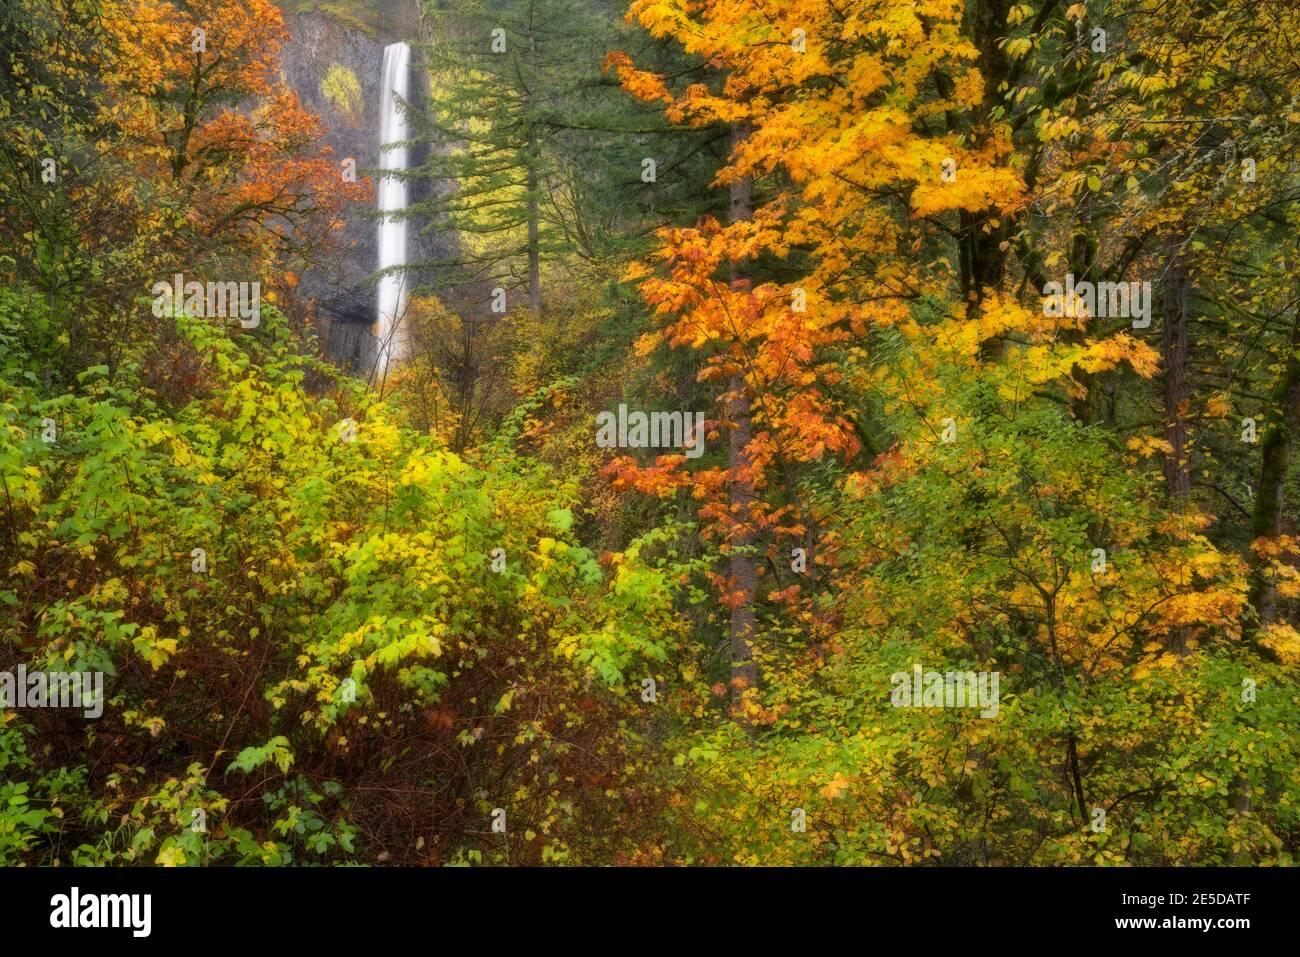 Les couleurs d'automne encadrent la descente de 250 pieds des chutes Latourell sur un basalte jaune de couleur lichen dans la gorge de la rivière Columbia en Oregon. Banque D'Images